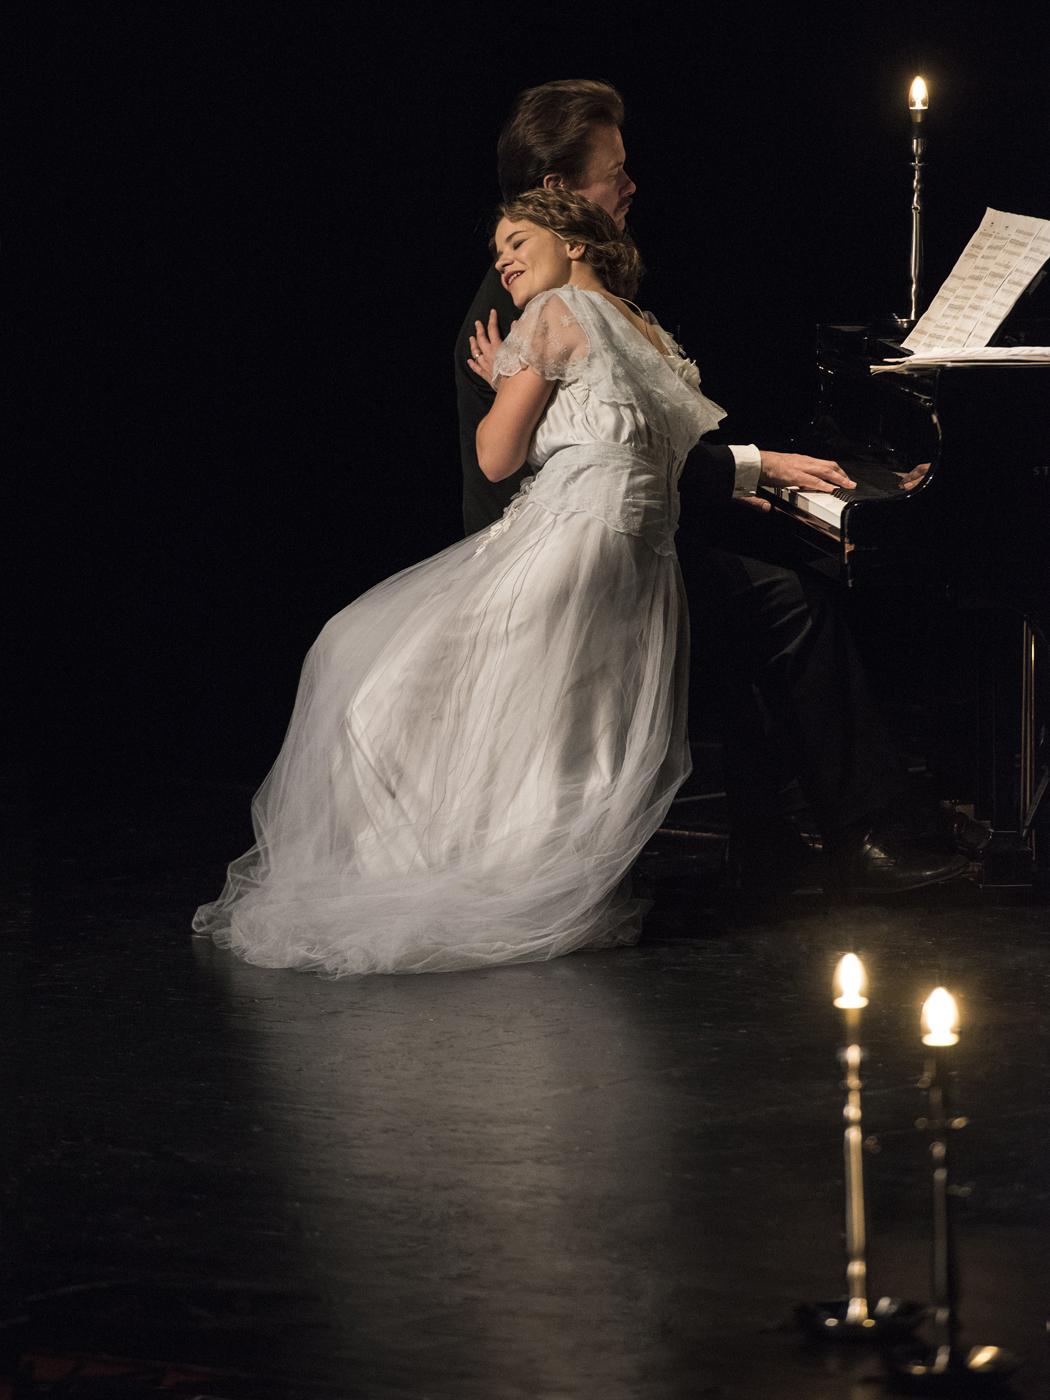 Saaristo-oopperan Tähtiin Kirjoitettu -draamallinen konsertti kertoo Alma ja Toivo Kuulan elämästä.